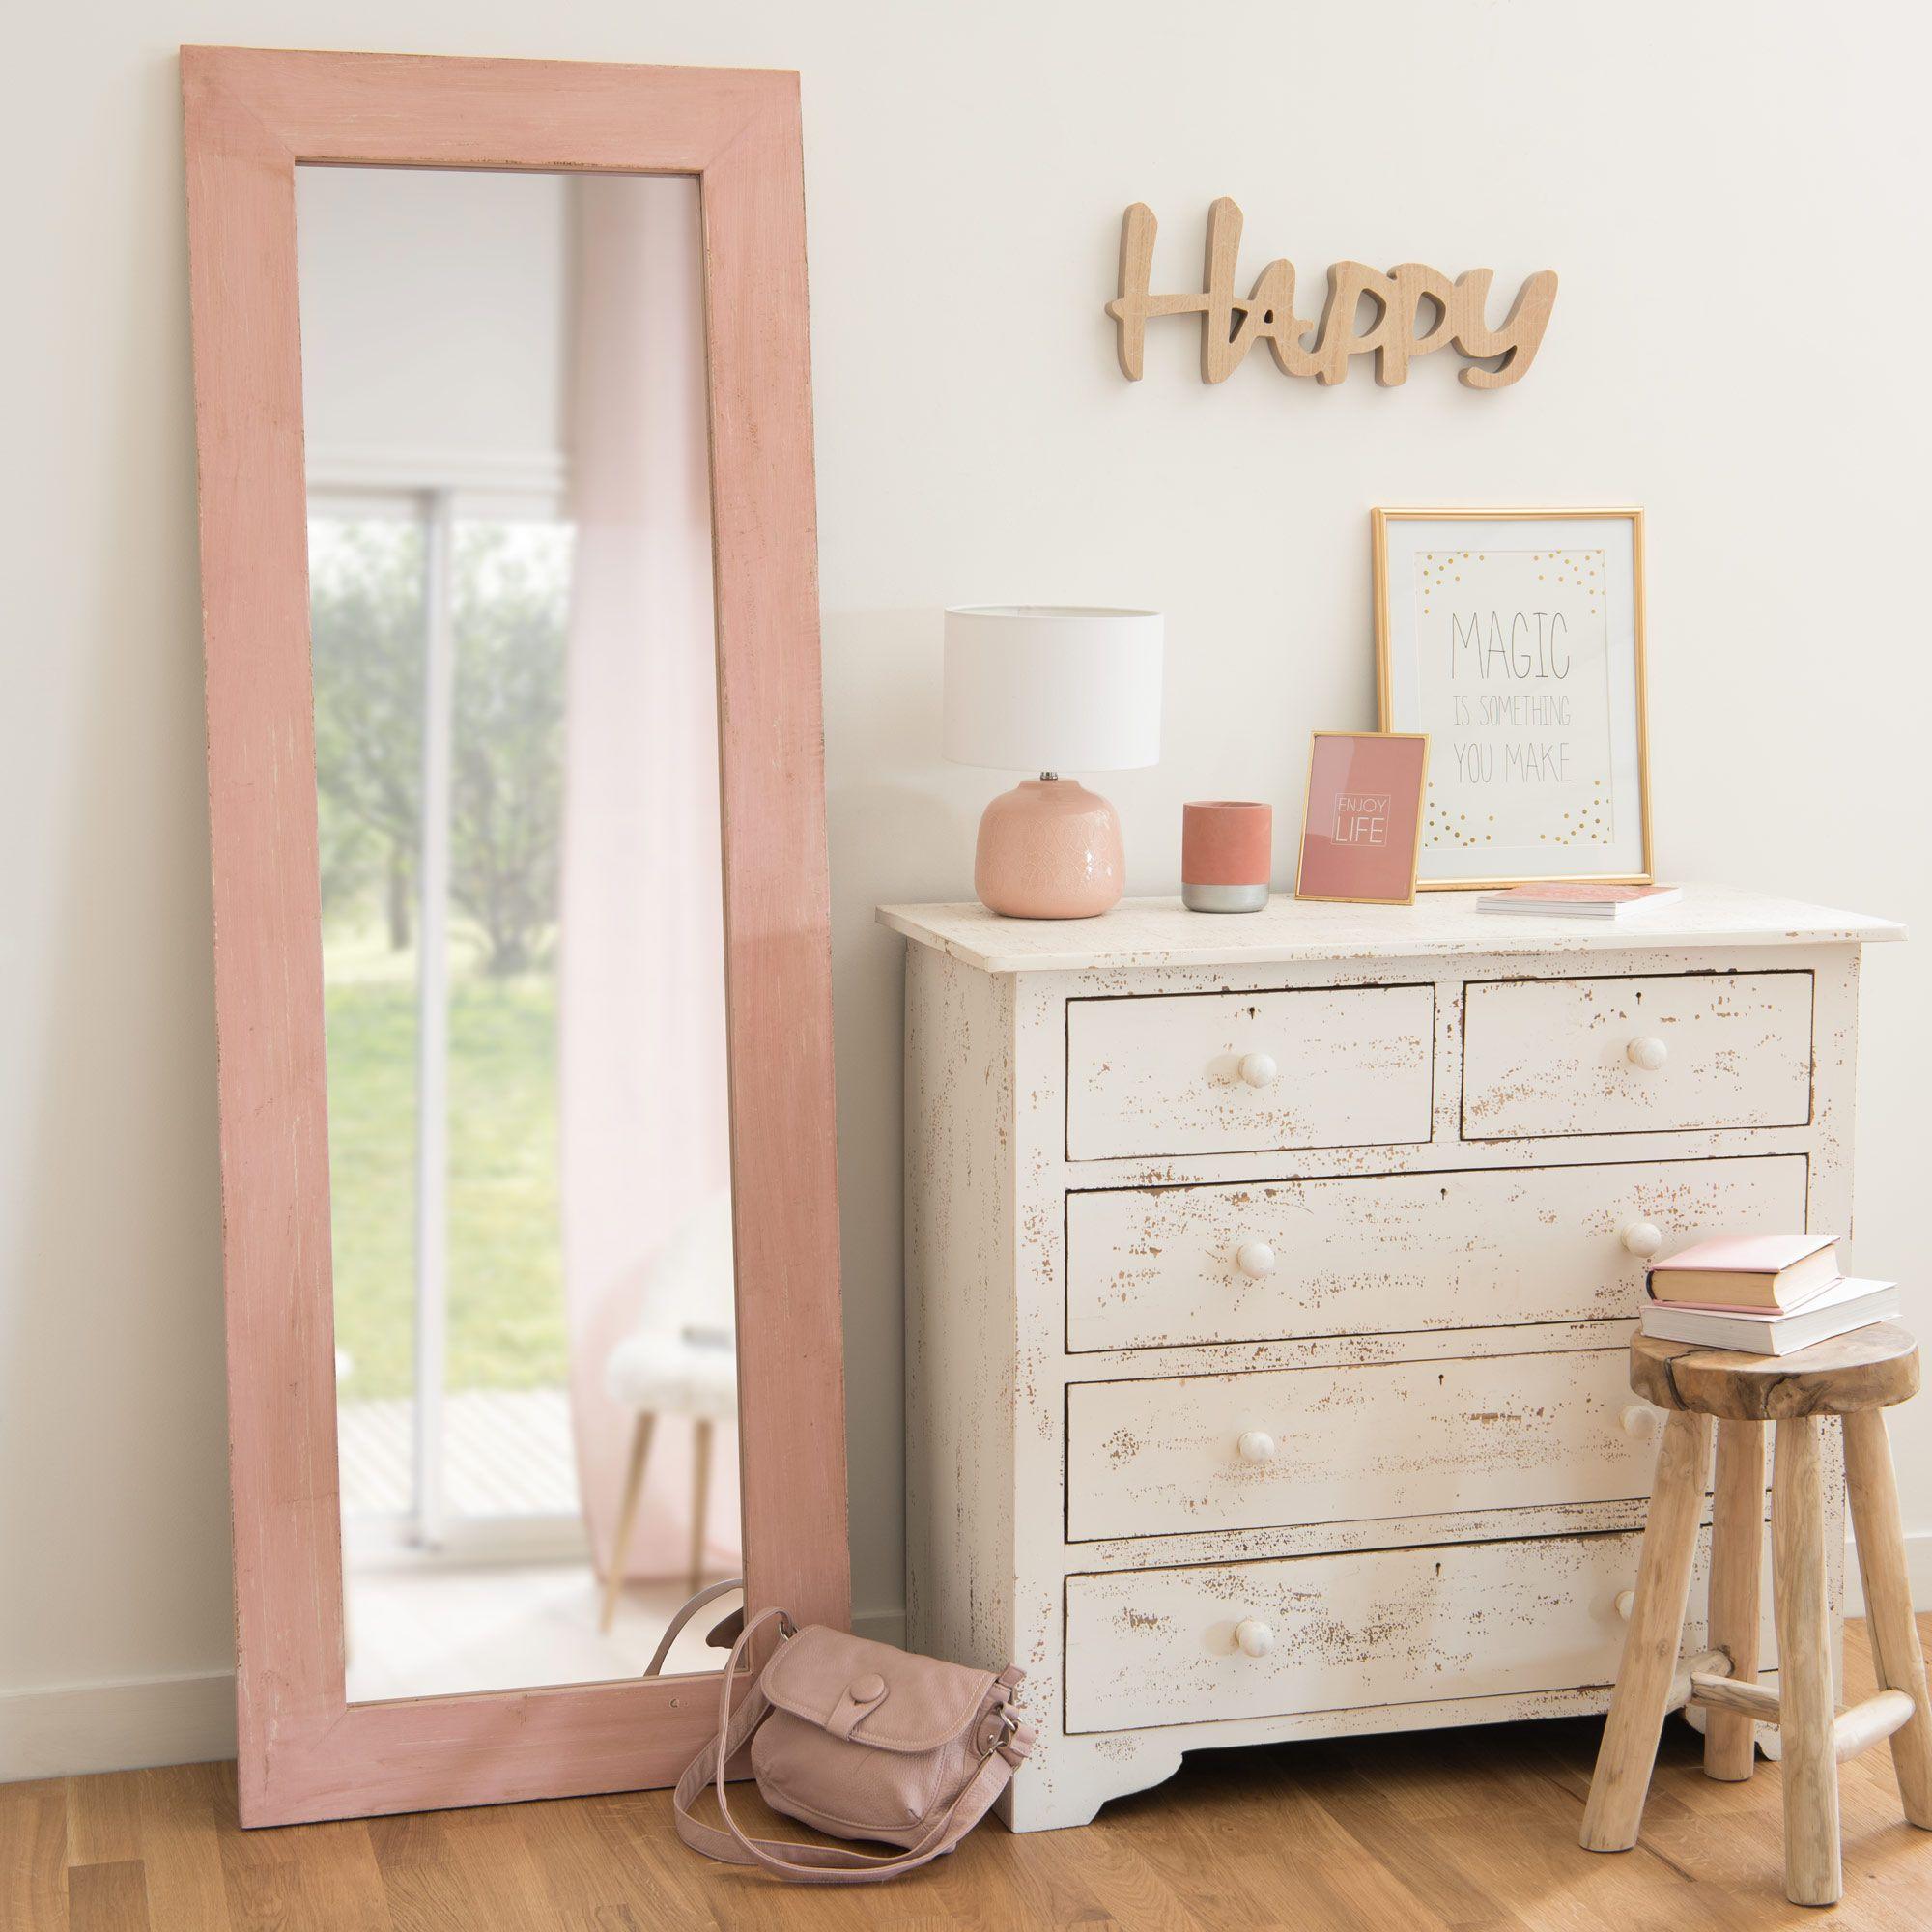 Spiegel aus altrosa Mangoholz 60x170cm LILY ROSE | Home/Deko | Pinterest